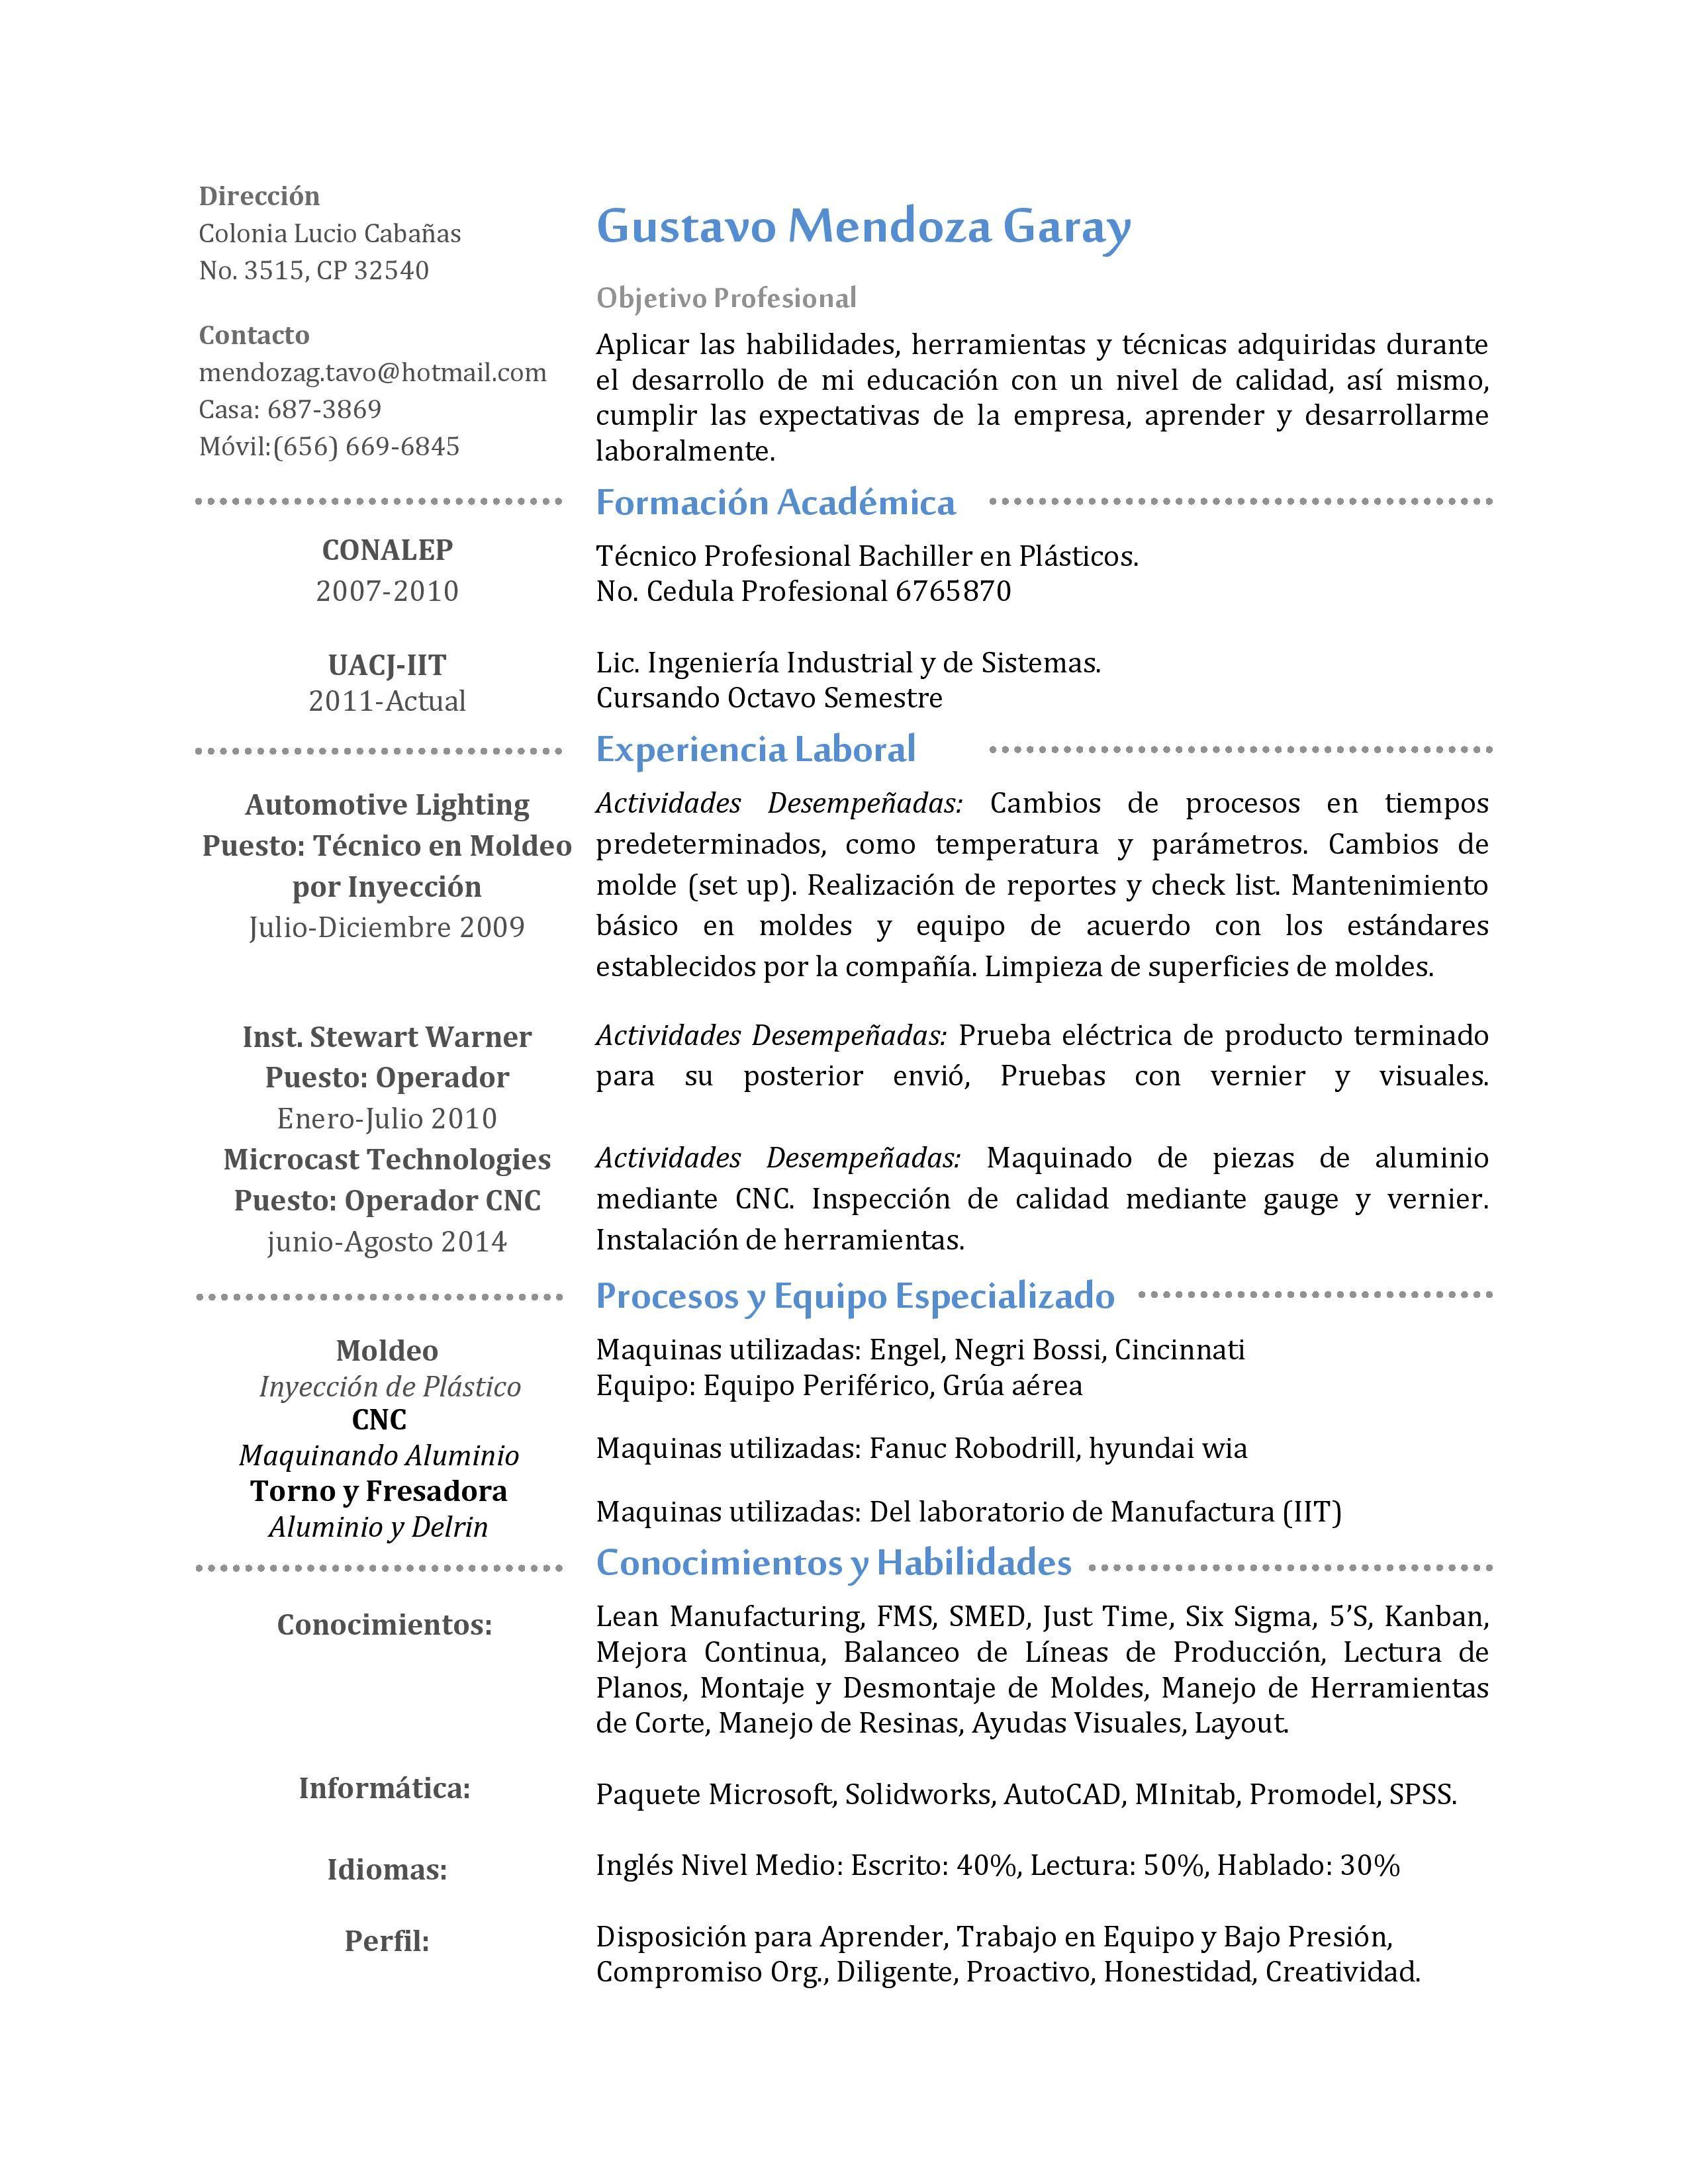 Industrial Design Resume Curriculum Vitae Engineer Industrialprocessmanufacturing Cv